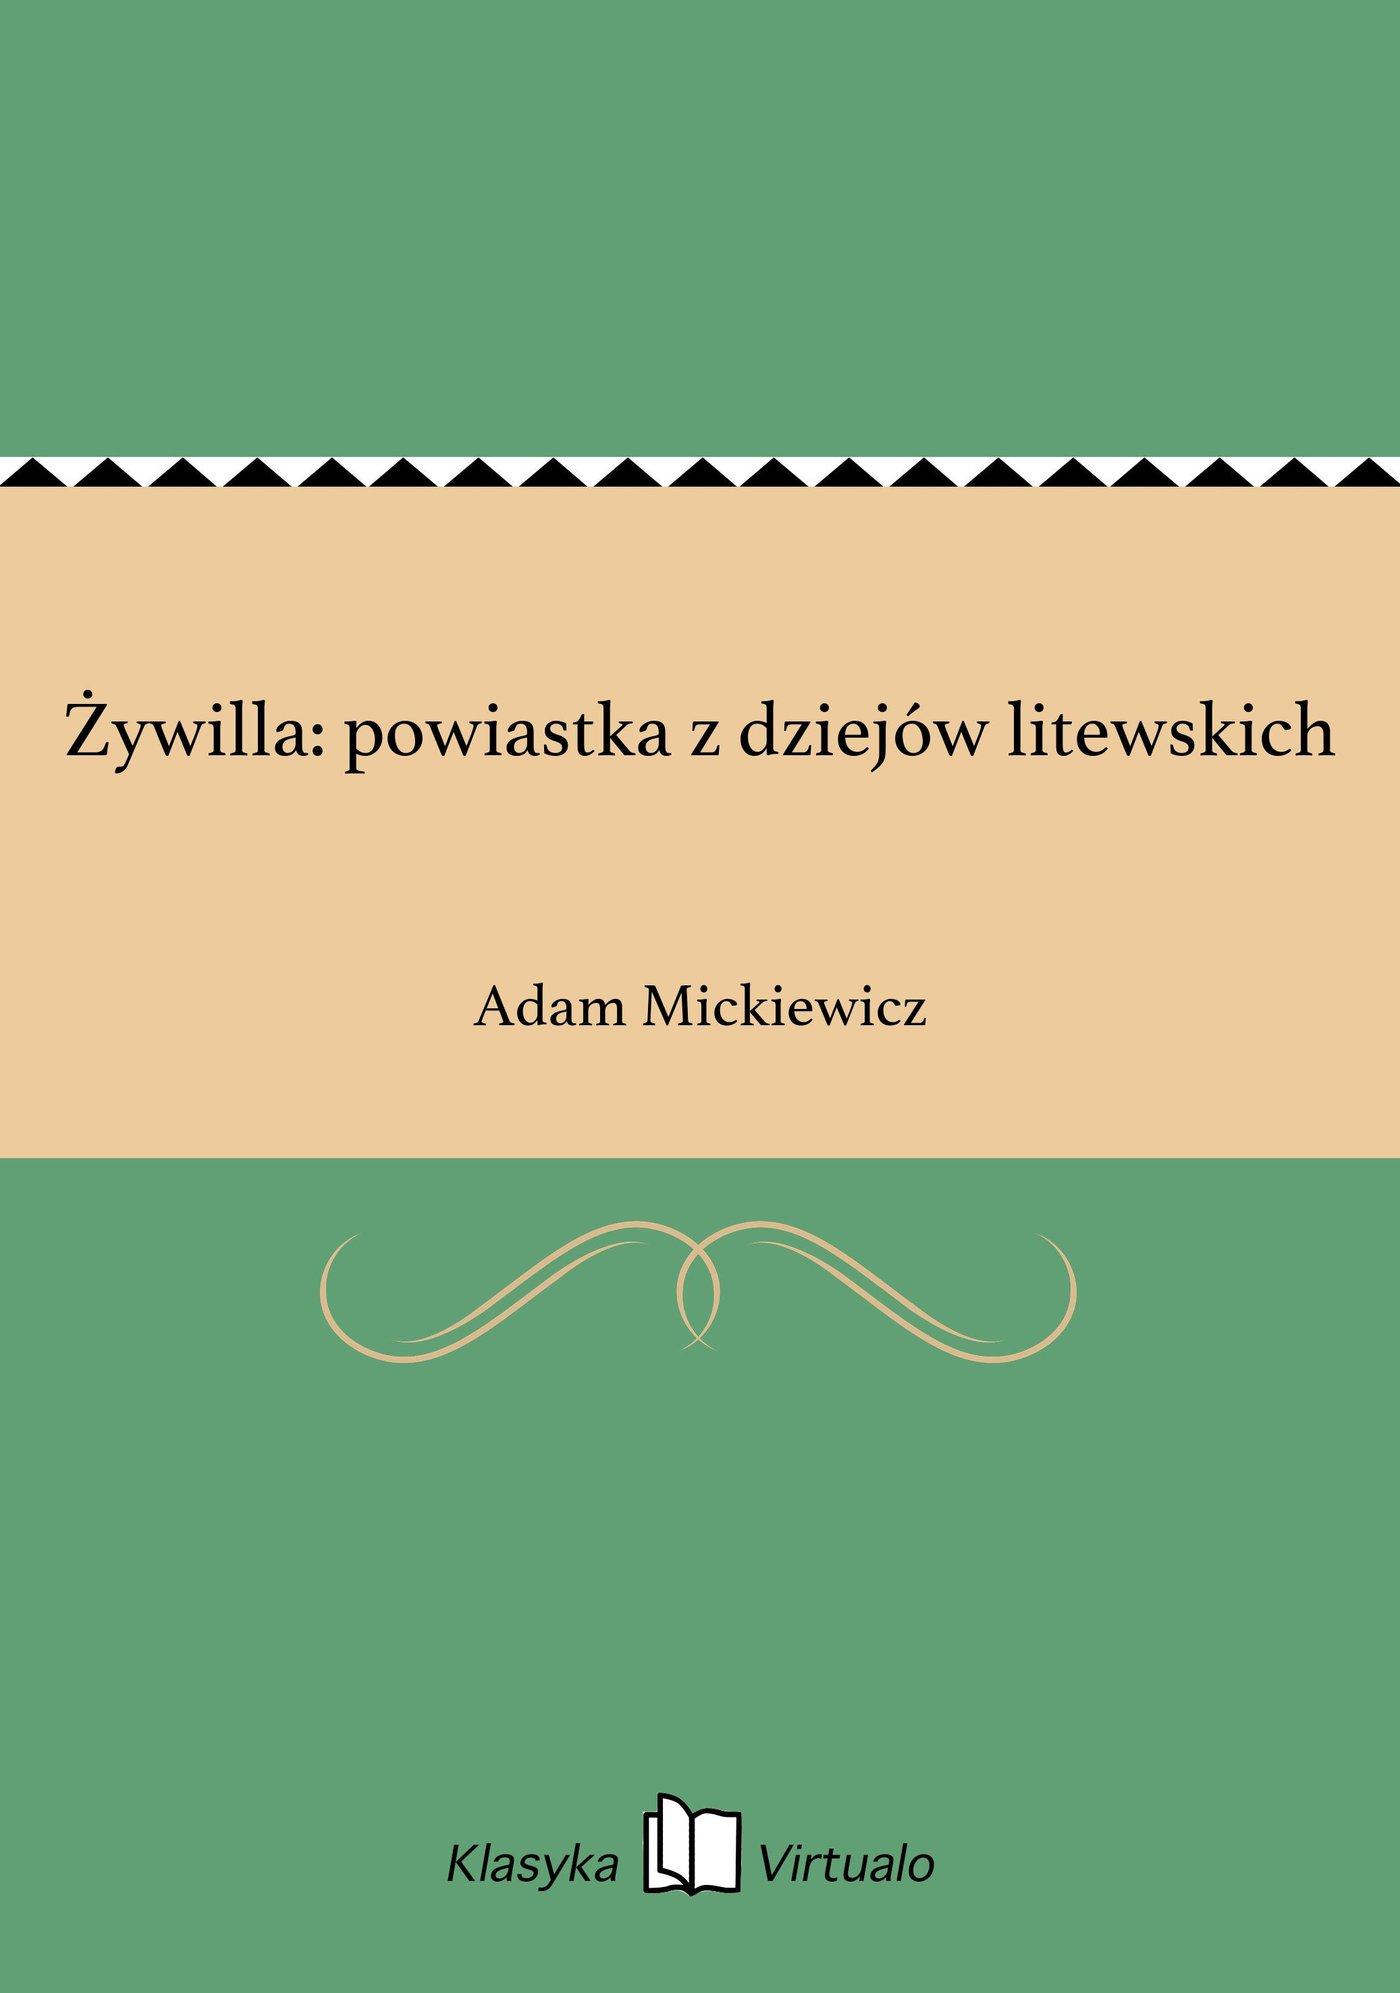 Żywilla: powiastka z dziejów litewskich - Ebook (Książka EPUB) do pobrania w formacie EPUB